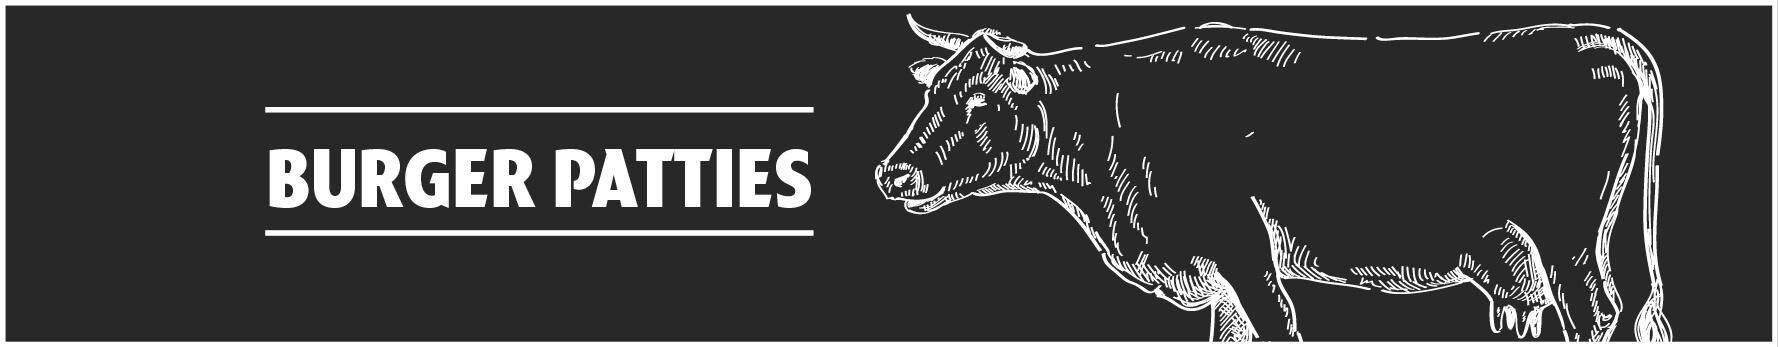 Burger Patties & Hamburgerfleisch kaufen: tiefgekühlte Lieferung ✔ Wagyu &  Black Angus Burger Patties ✔ Burgerfleisch aus Premium Qualität ➨ Jetzt online kaufen